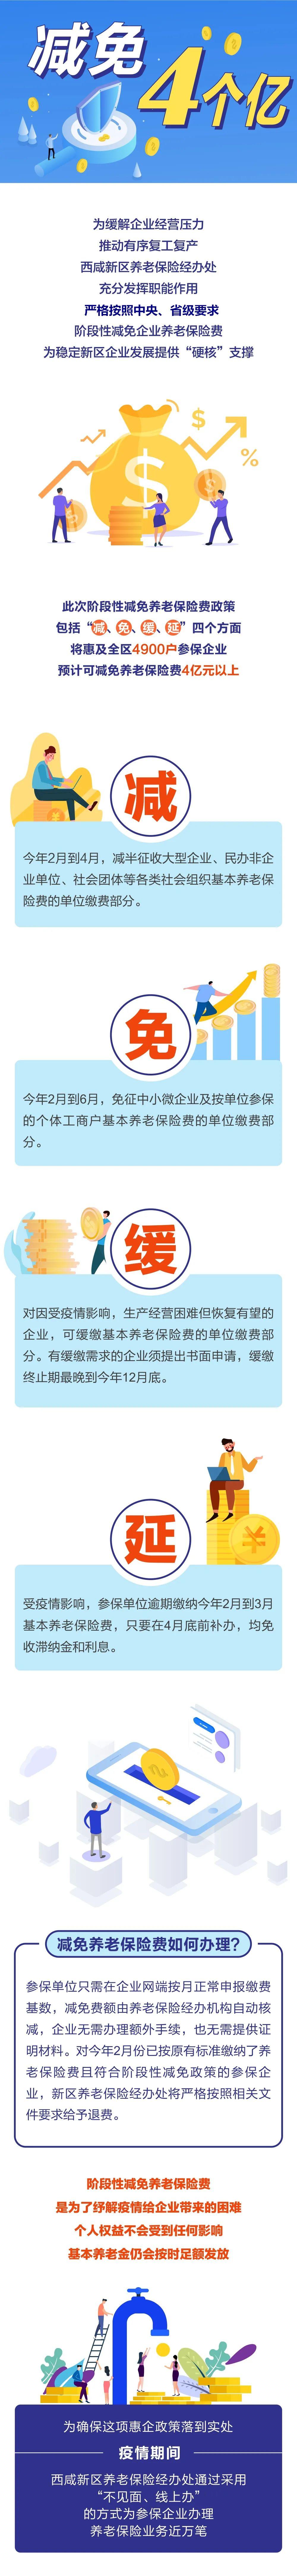 """""""硬核""""支持!西咸新区将为参保企业减免养老保险"""